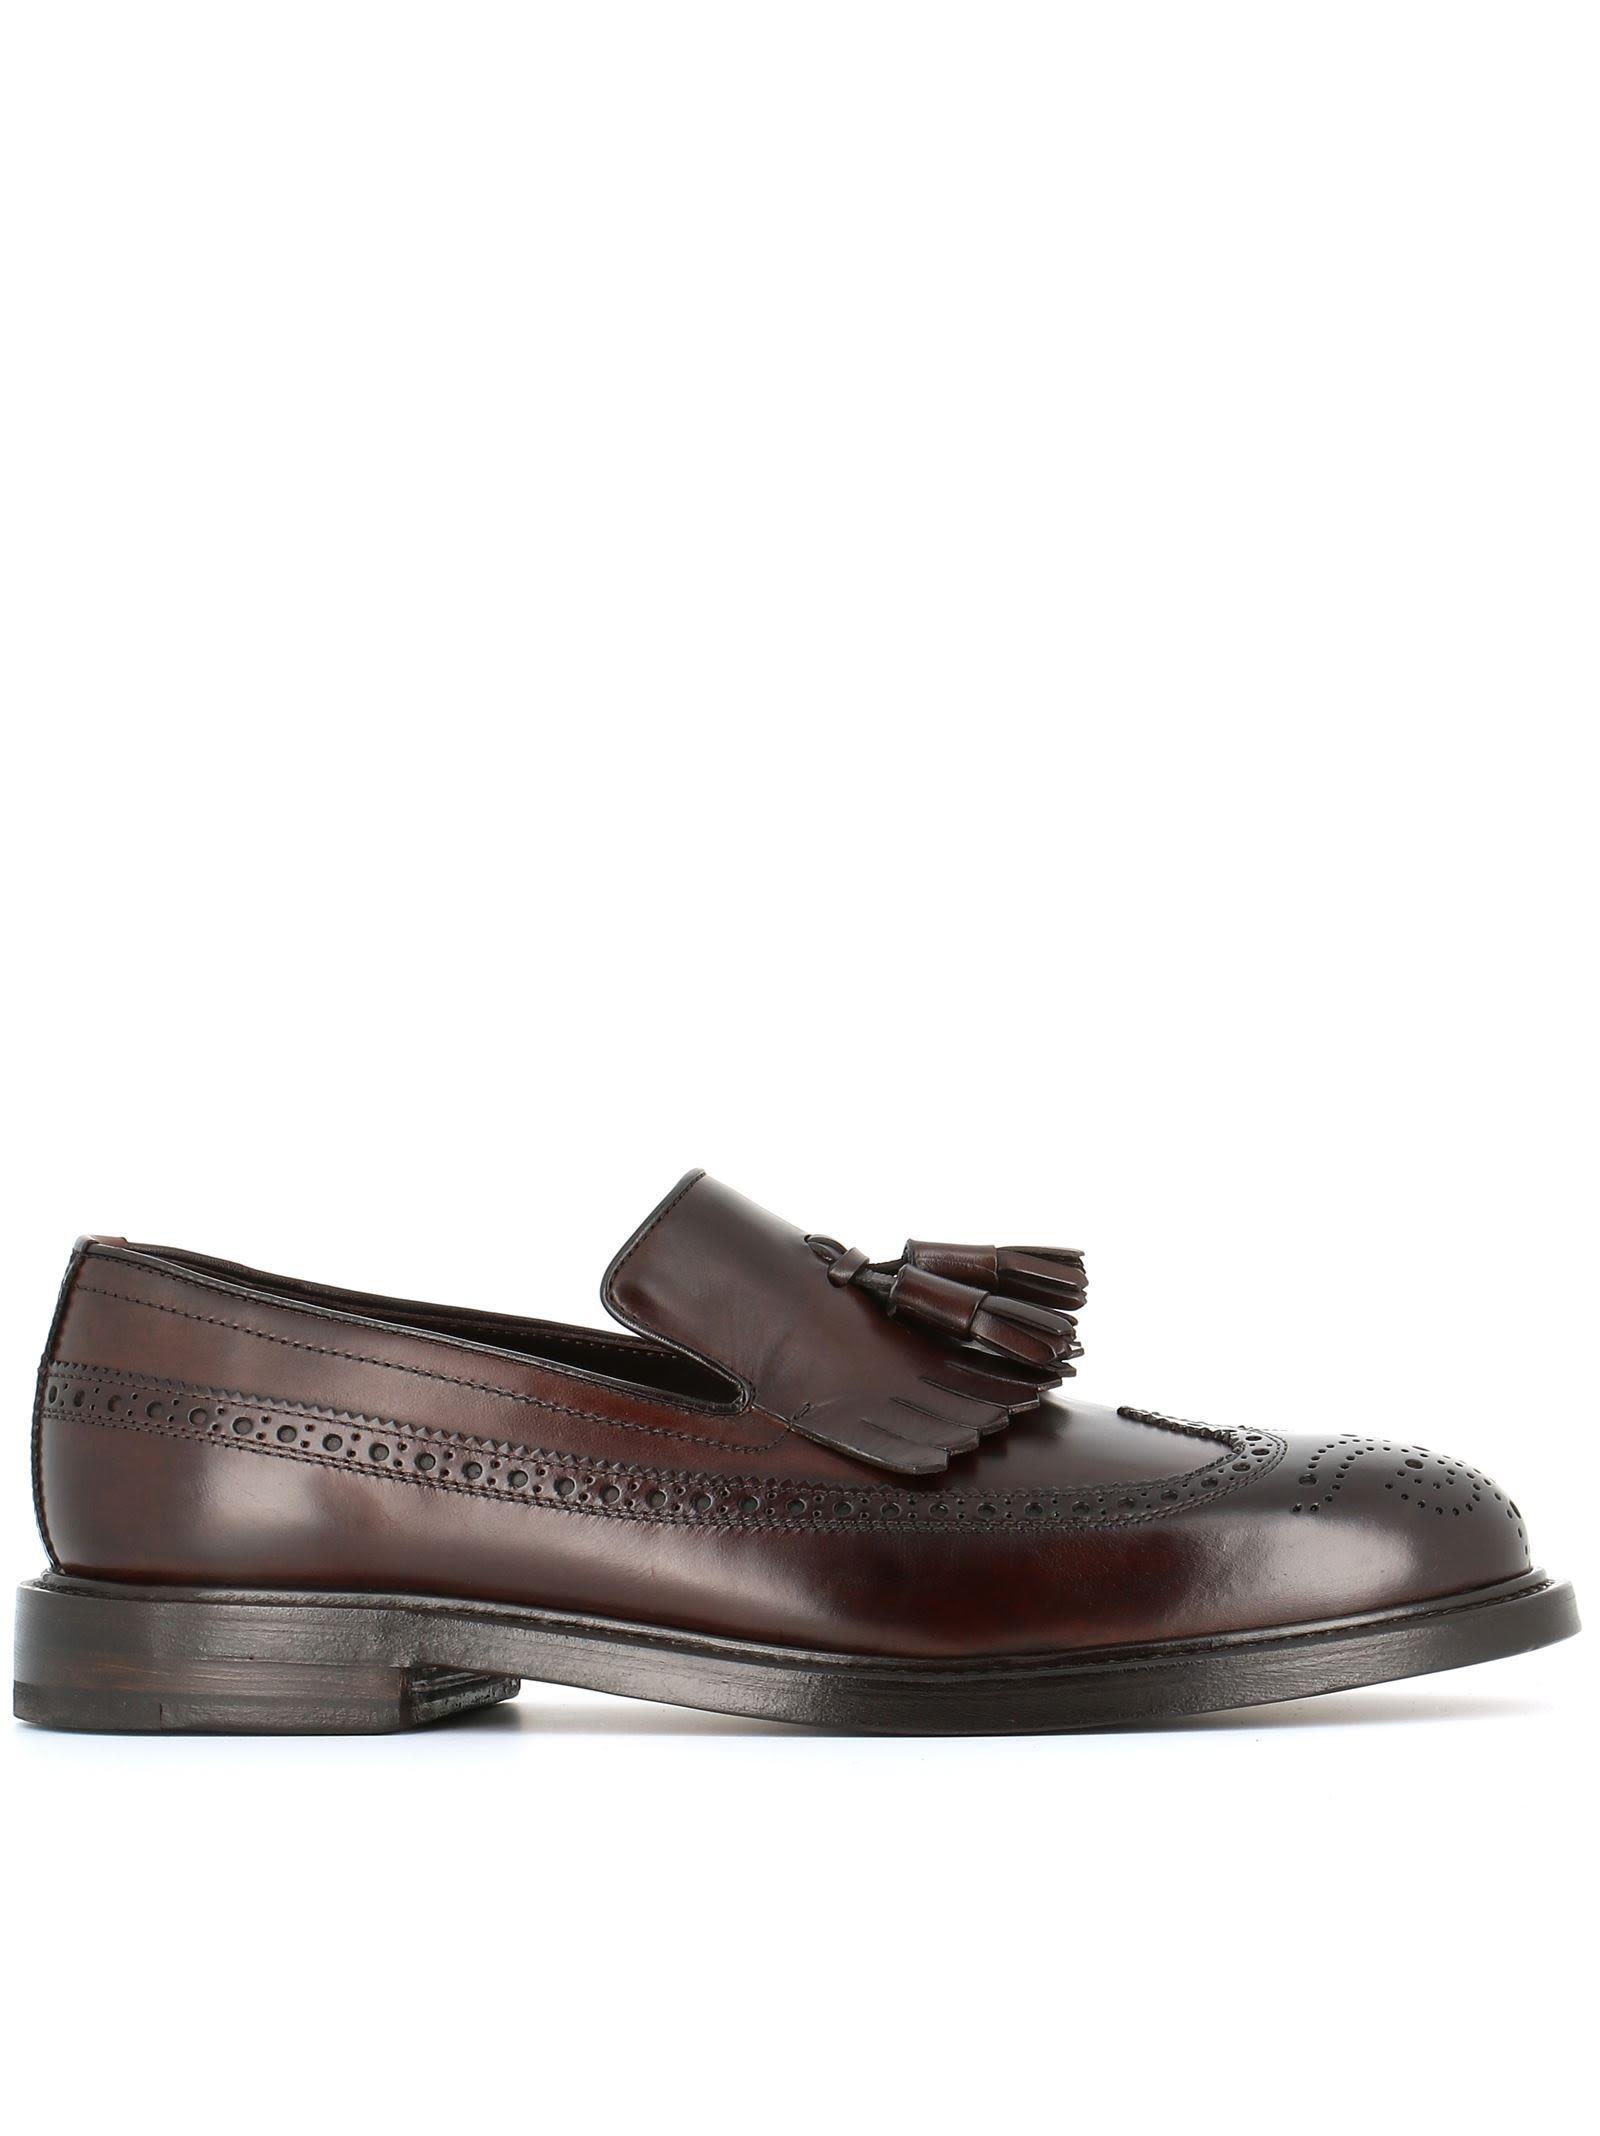 Henderson 57403 Vit. Monet Loafer Tassel In Brown